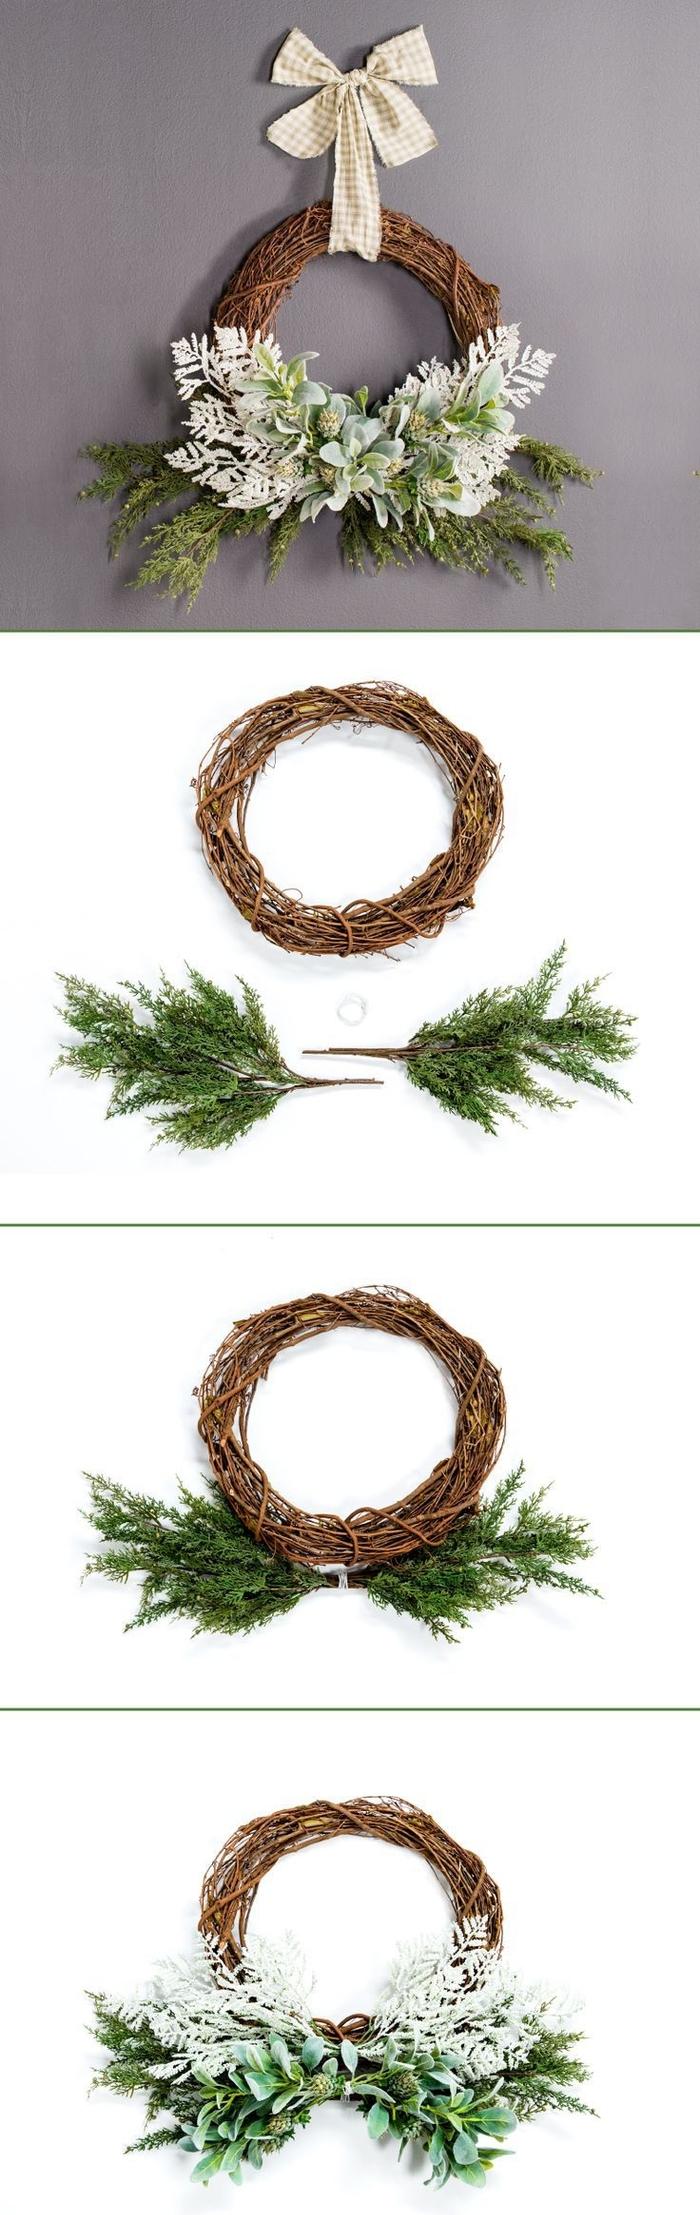 projet diy noel pour fabriquer une couronne de porte d'entrée rustique en branchage décorée de feuillage et d'un ruban écru